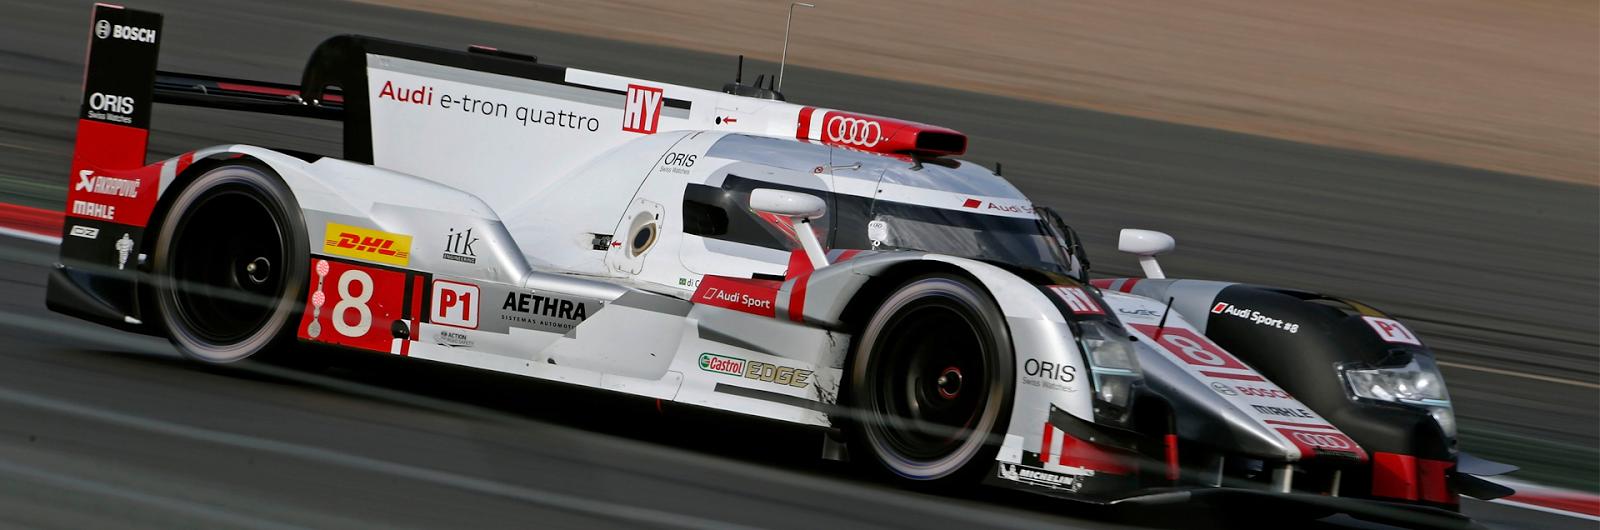 Audi R18 e-tron quattro wygrywa WEC 6h Silverstone